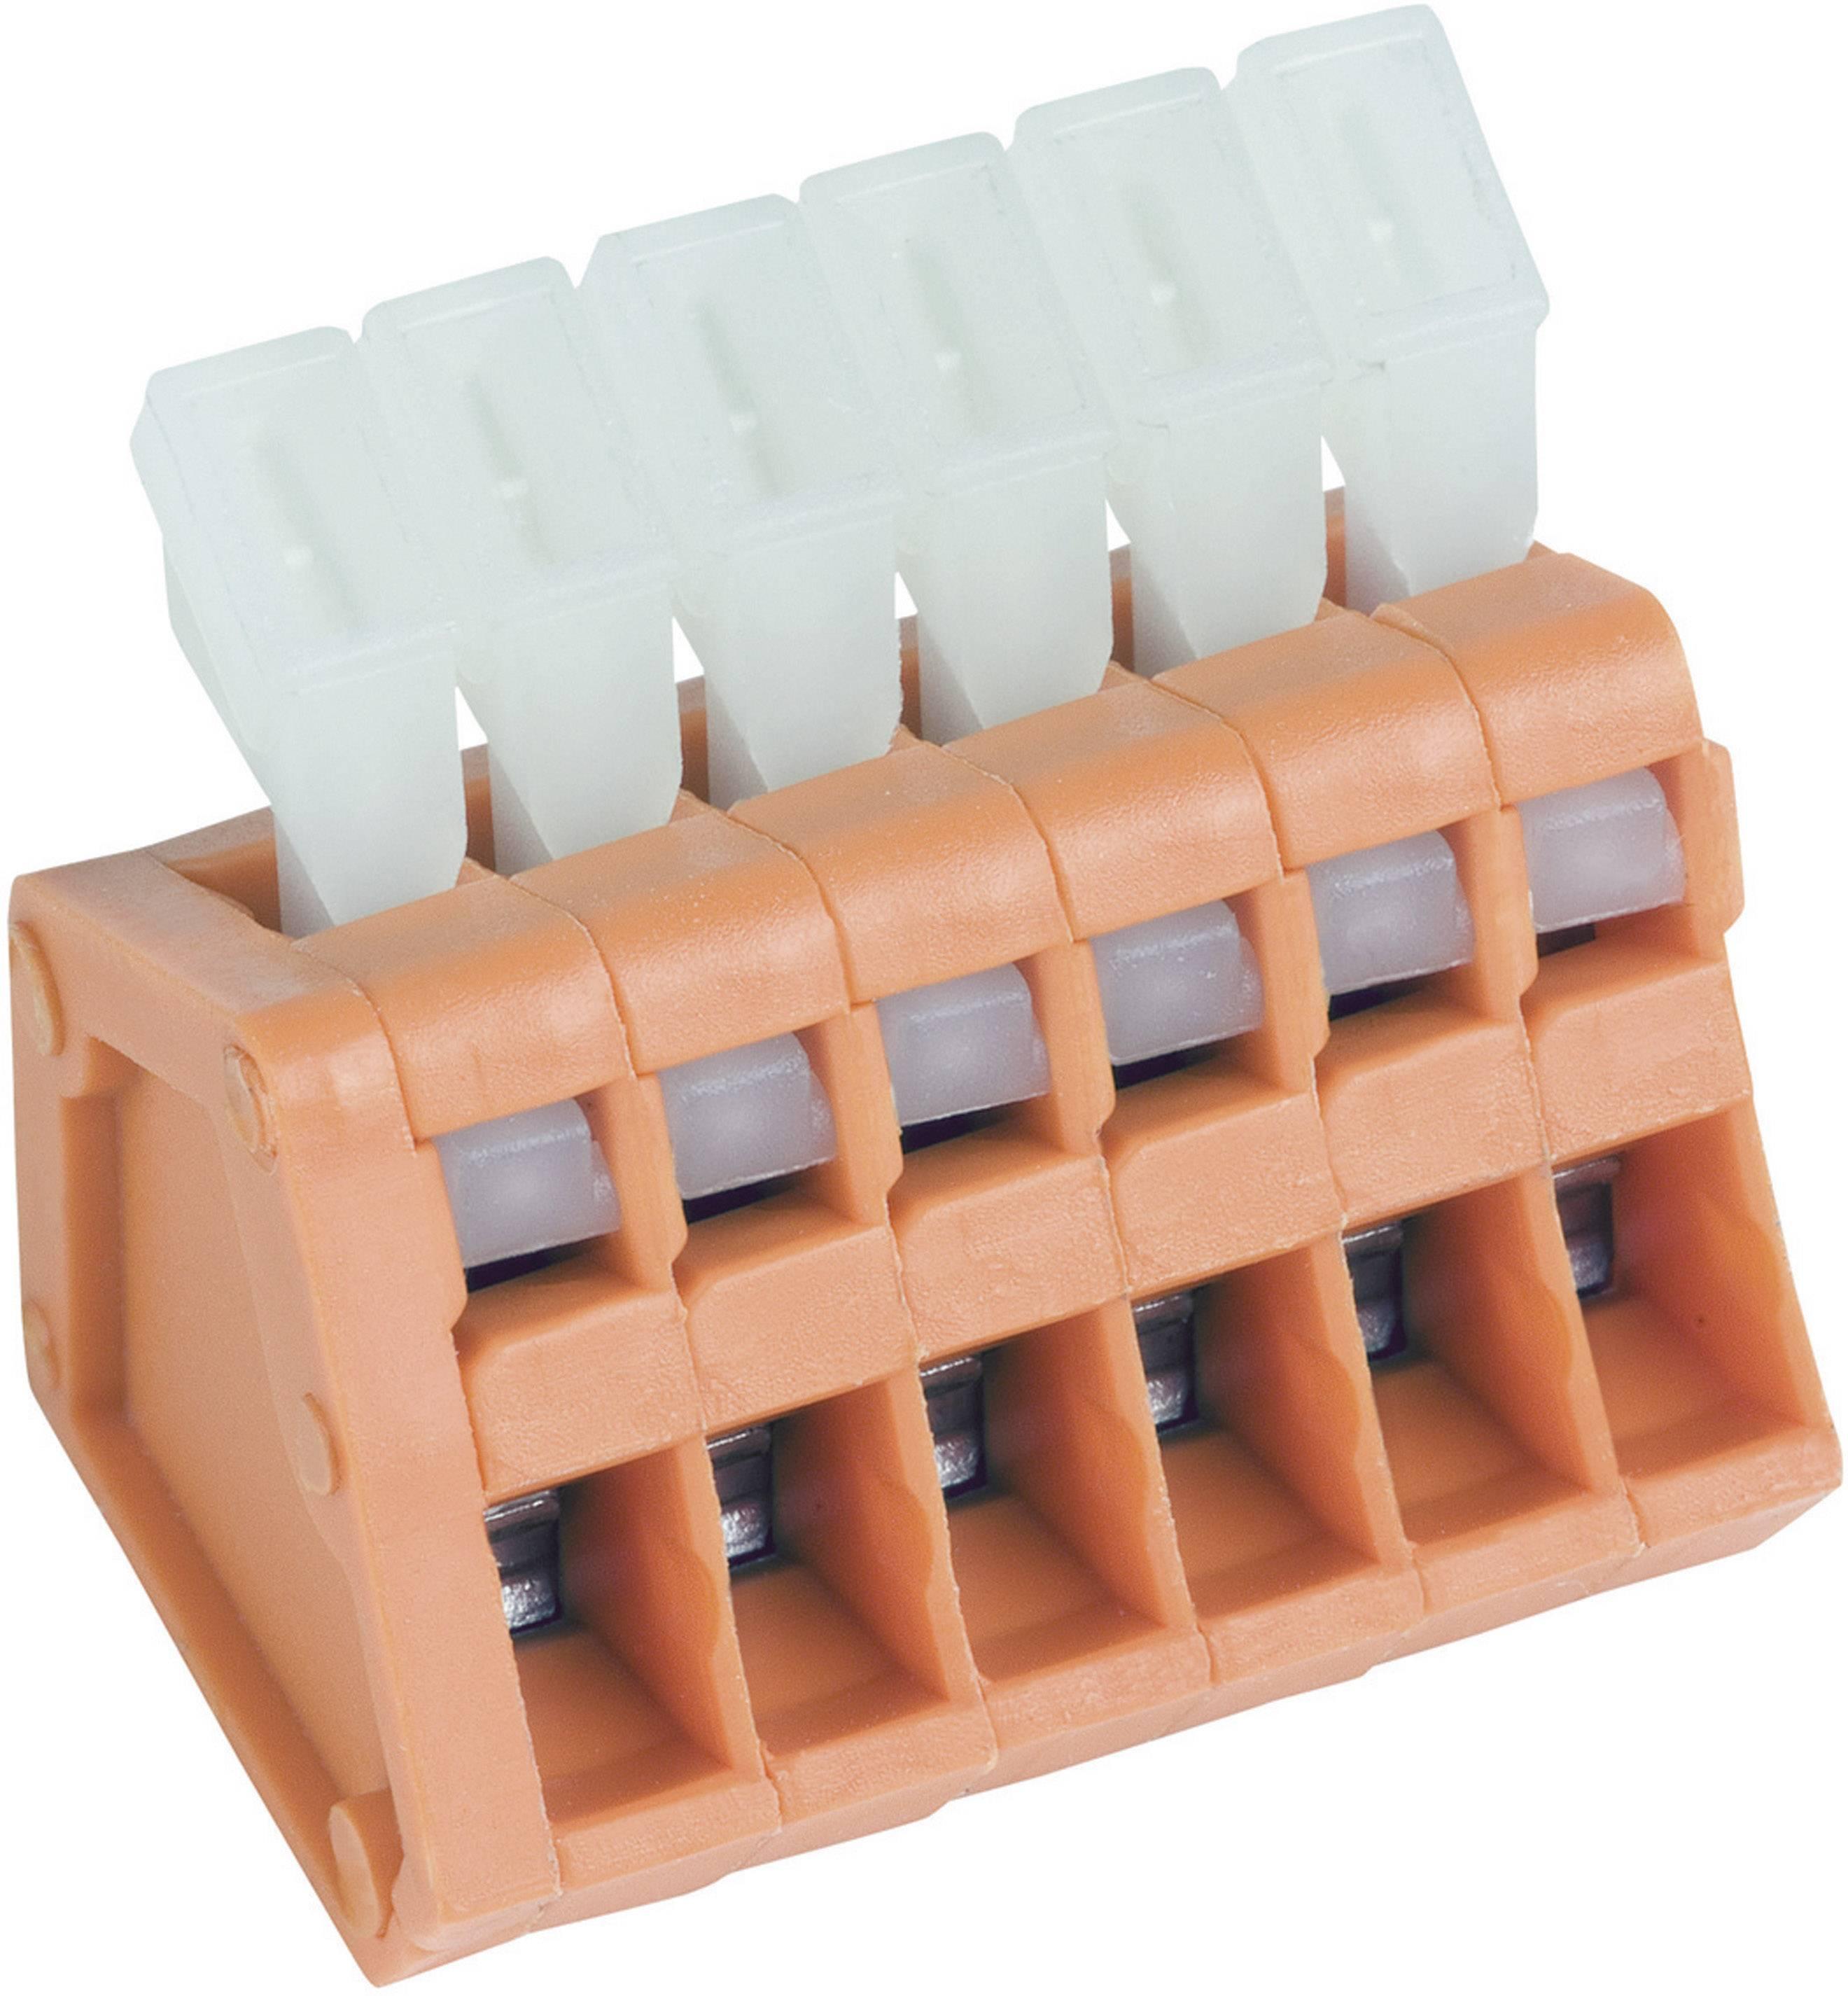 Pružinová svorka PTR AKZ3191/2KD-2.54 53191020321D, 0.50 mm², počet pinov 2, oranžová, 1 ks